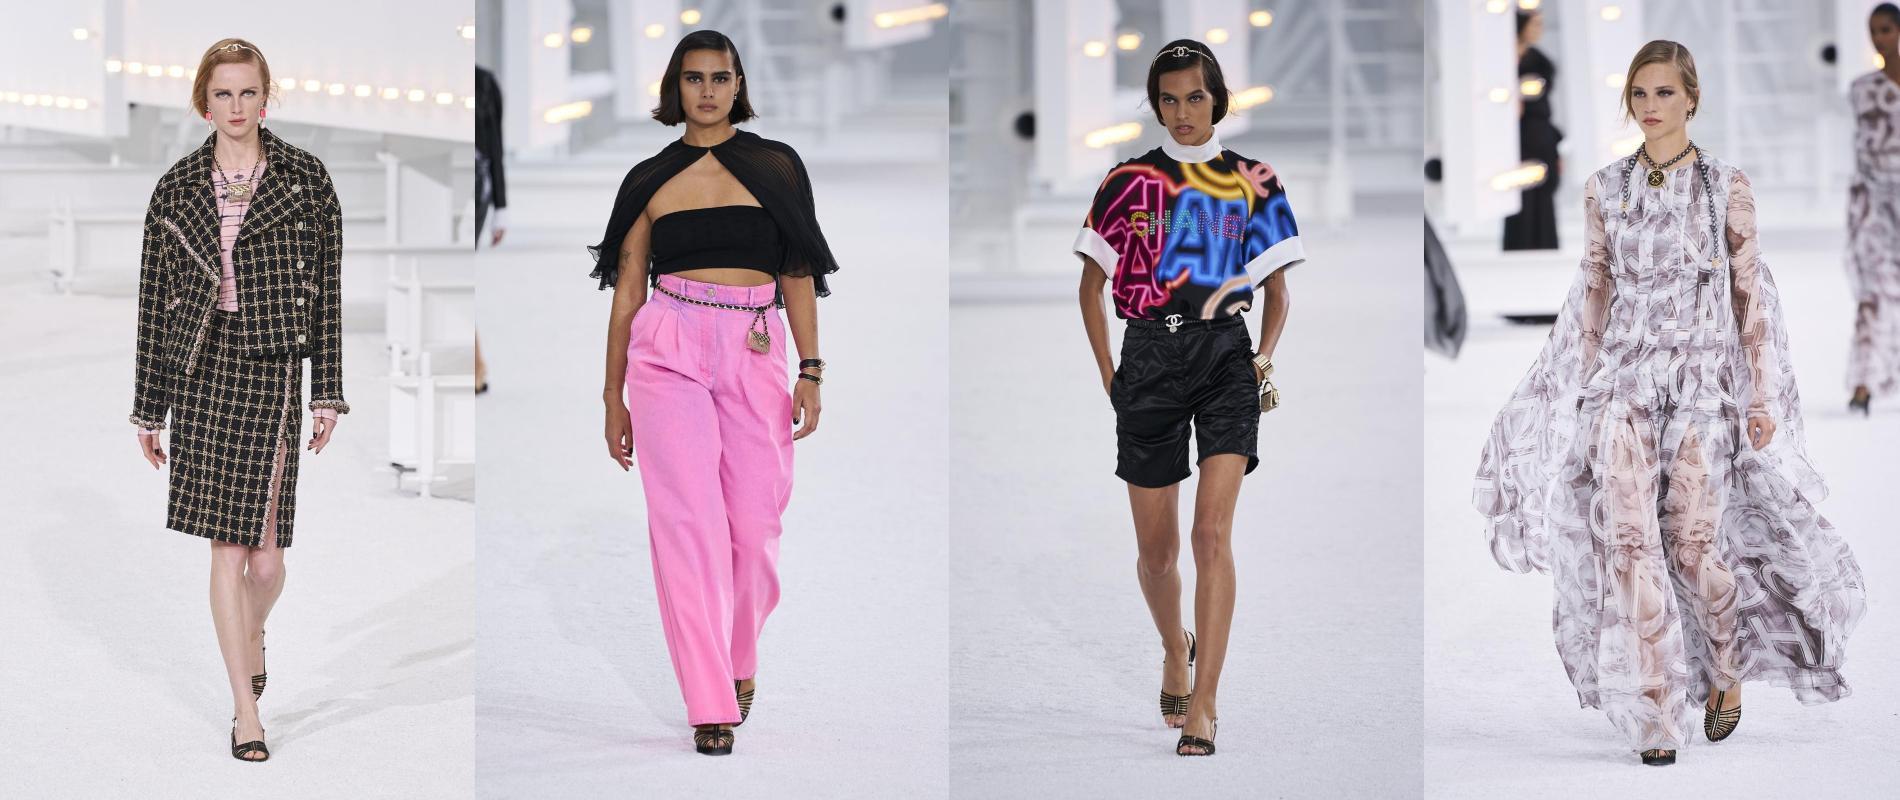 Défilé Chanel Printemps-été 2021 Prêt-à-porter - Madame Figaro